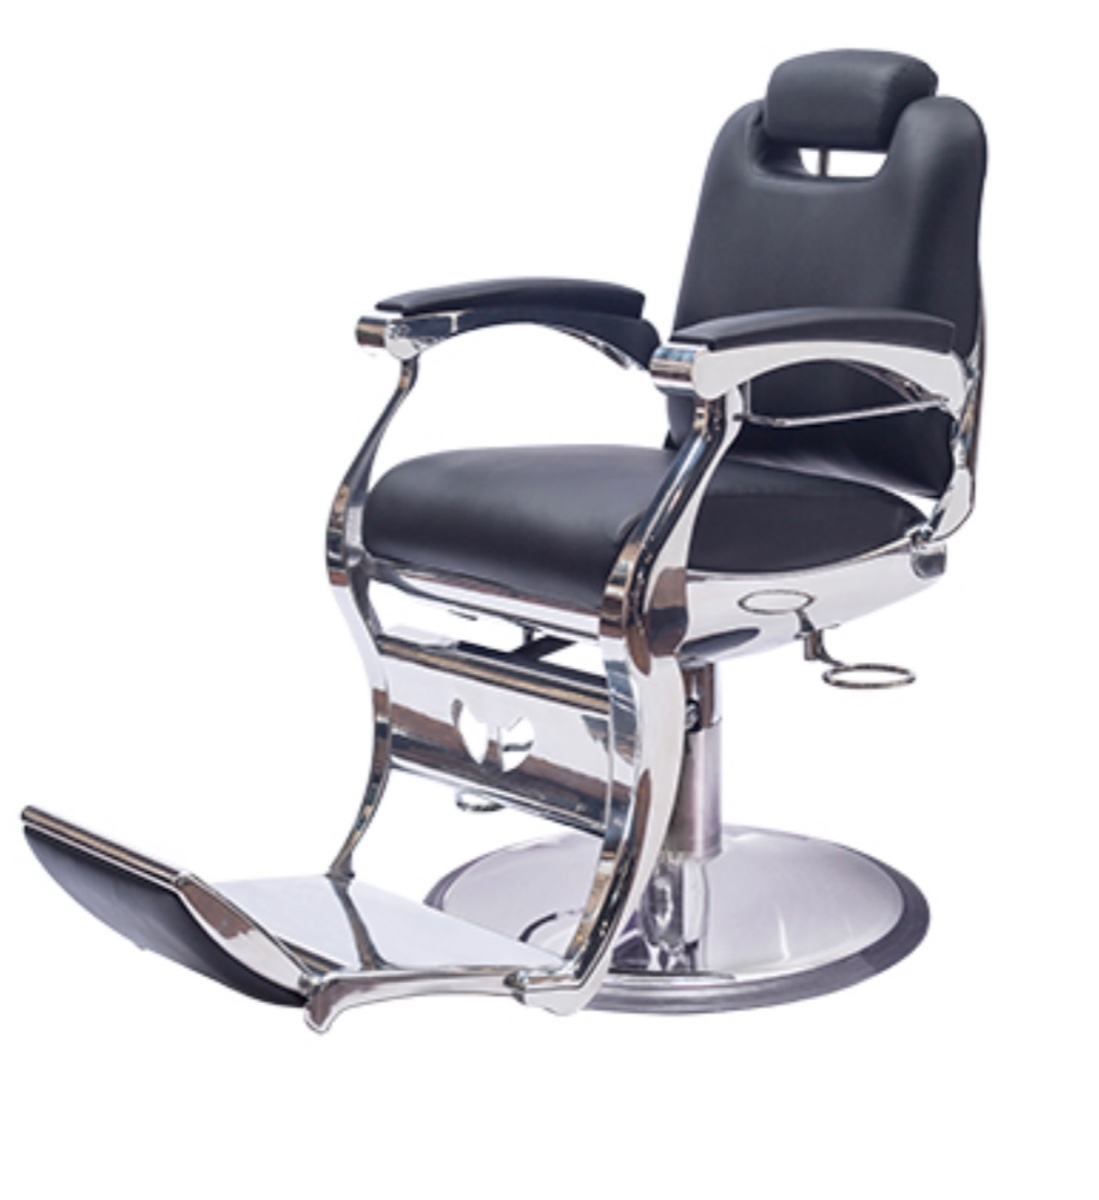 כיסא ברבר מעוצב מיוצר באיטליה